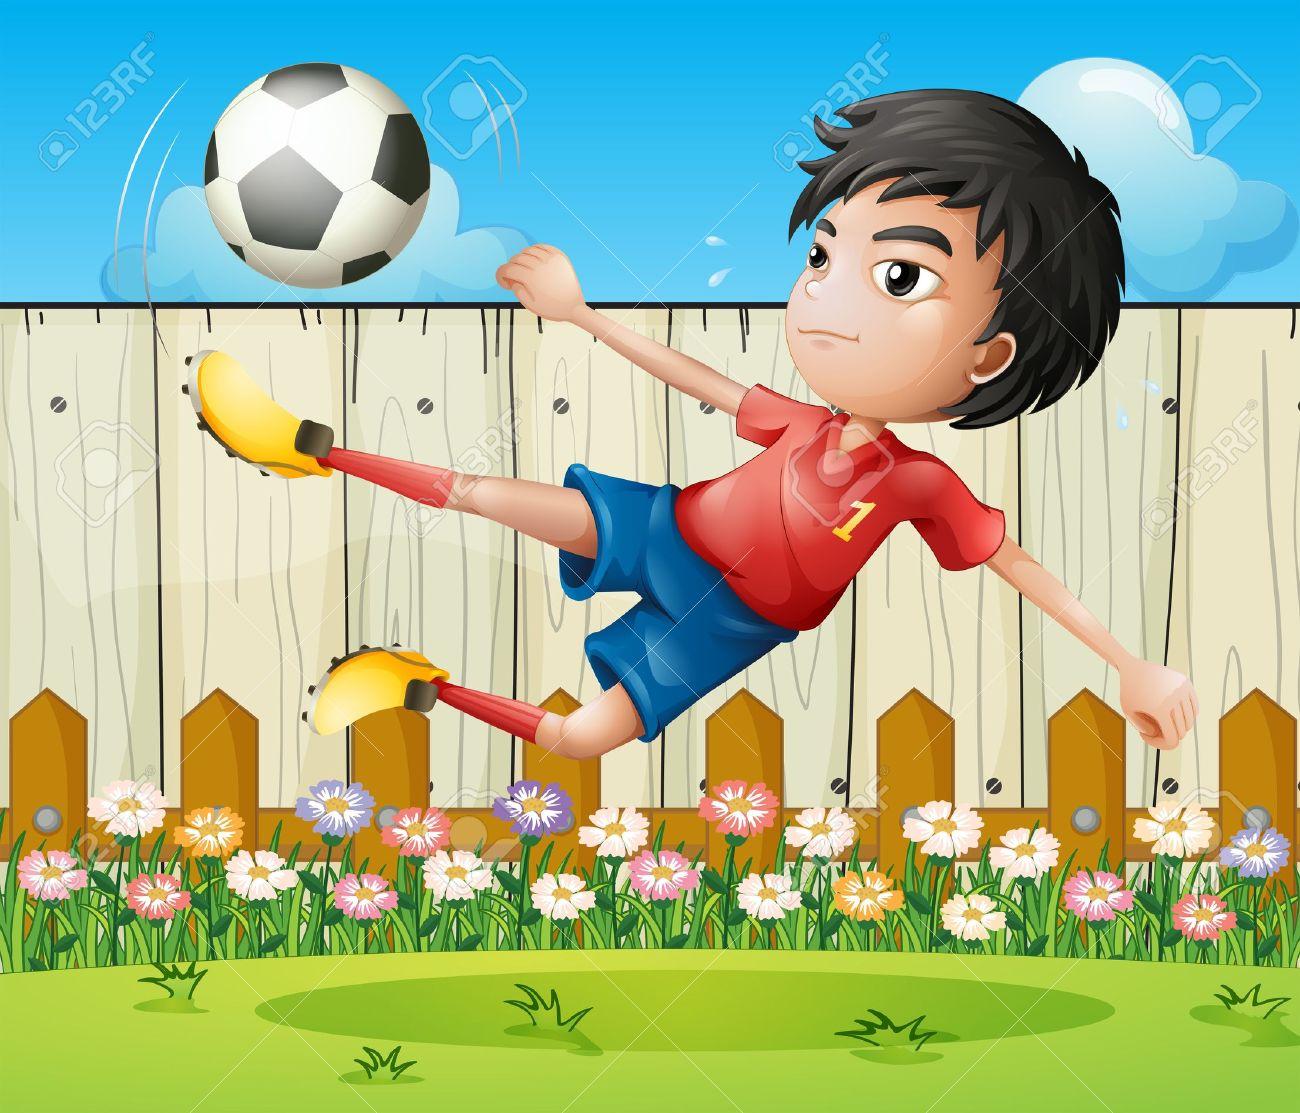 Ilustracion De Un Nino Jugando Futbol Dentro De La Cerca